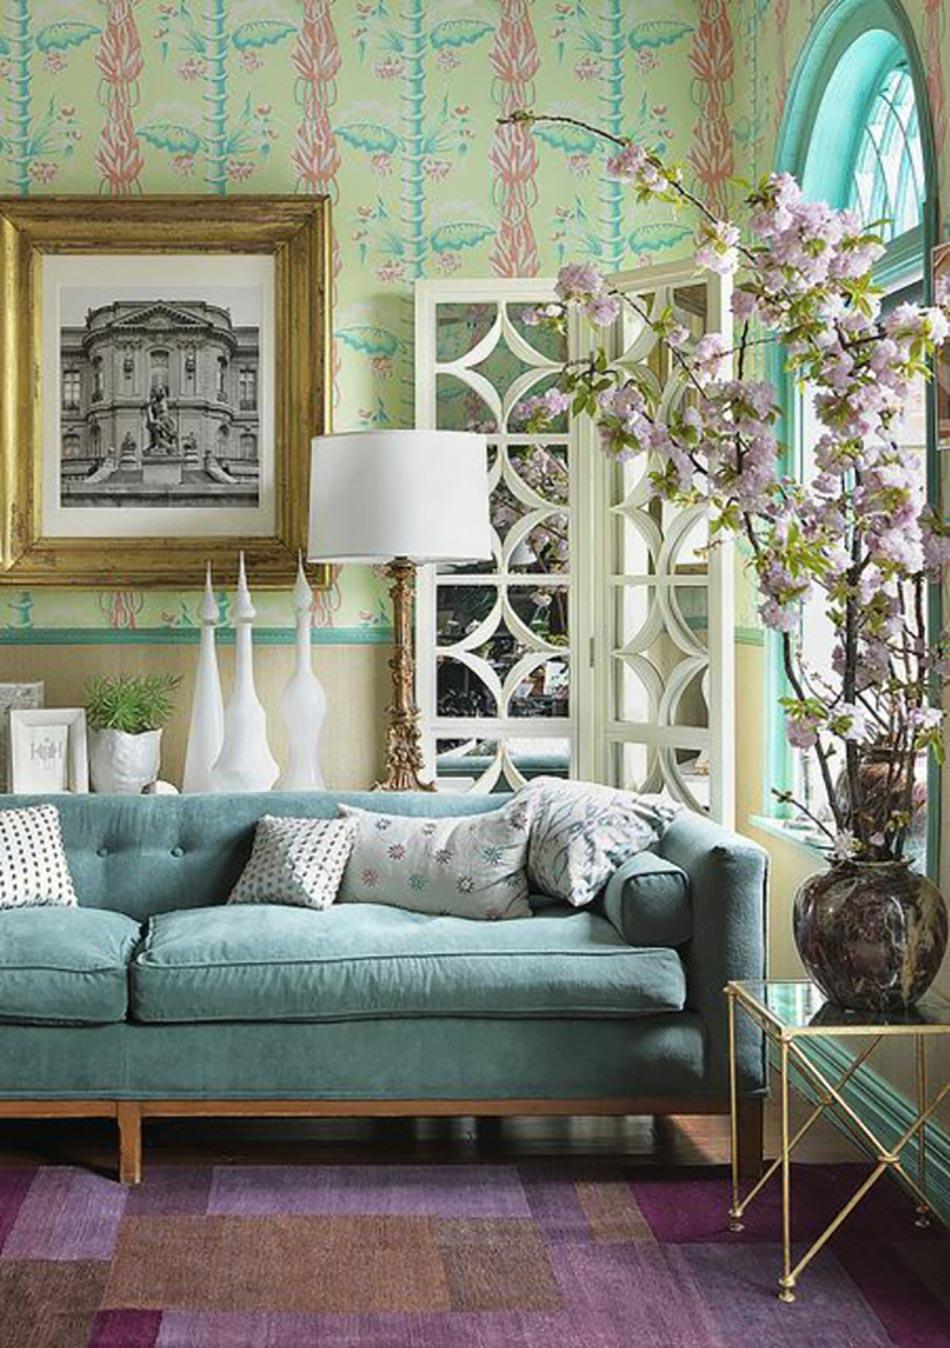 Dessin De Maison Deco Interieure : Séjour en couleurs sympa pour une ambiance deco maison